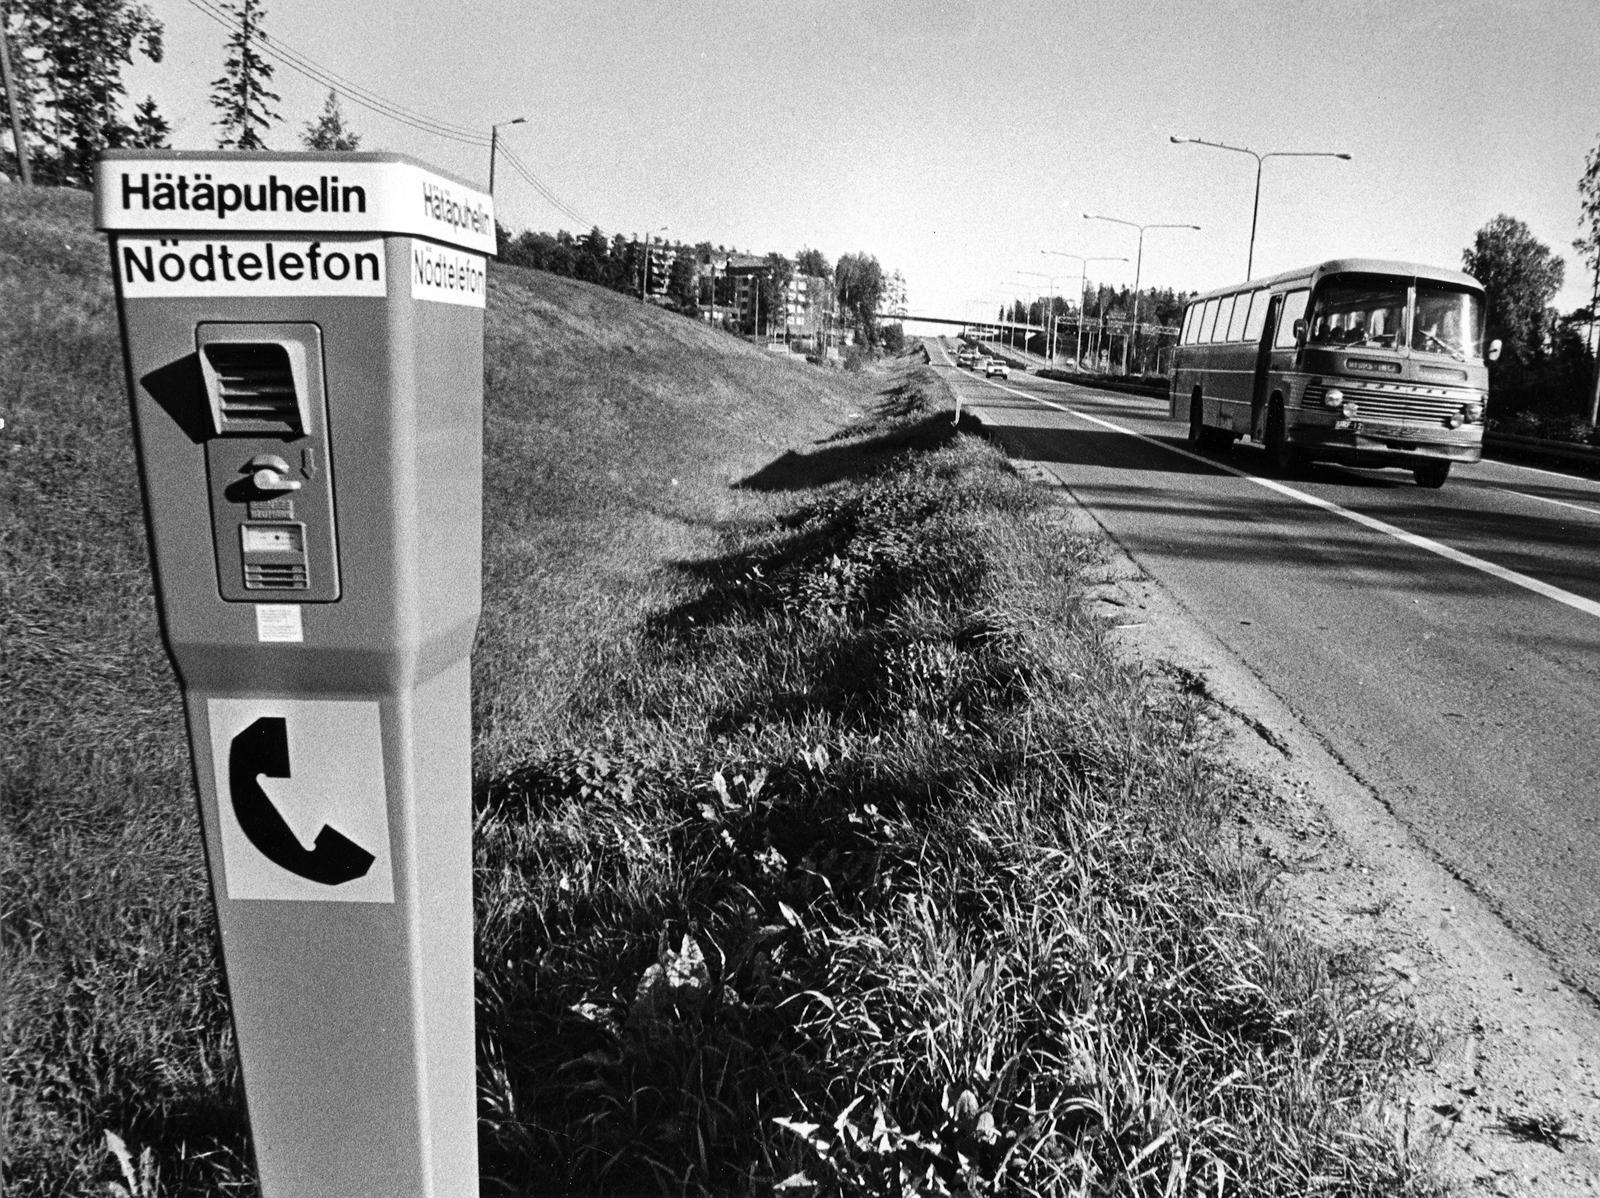 Maantiehätäpuhelinkokeiluista tuorein on Helsingin alueella syyskuun alkupäivinä alkanut kokeilu. Oheinen kuva on Lauttasaaresta. Kuva: Juhani Katajamäki.